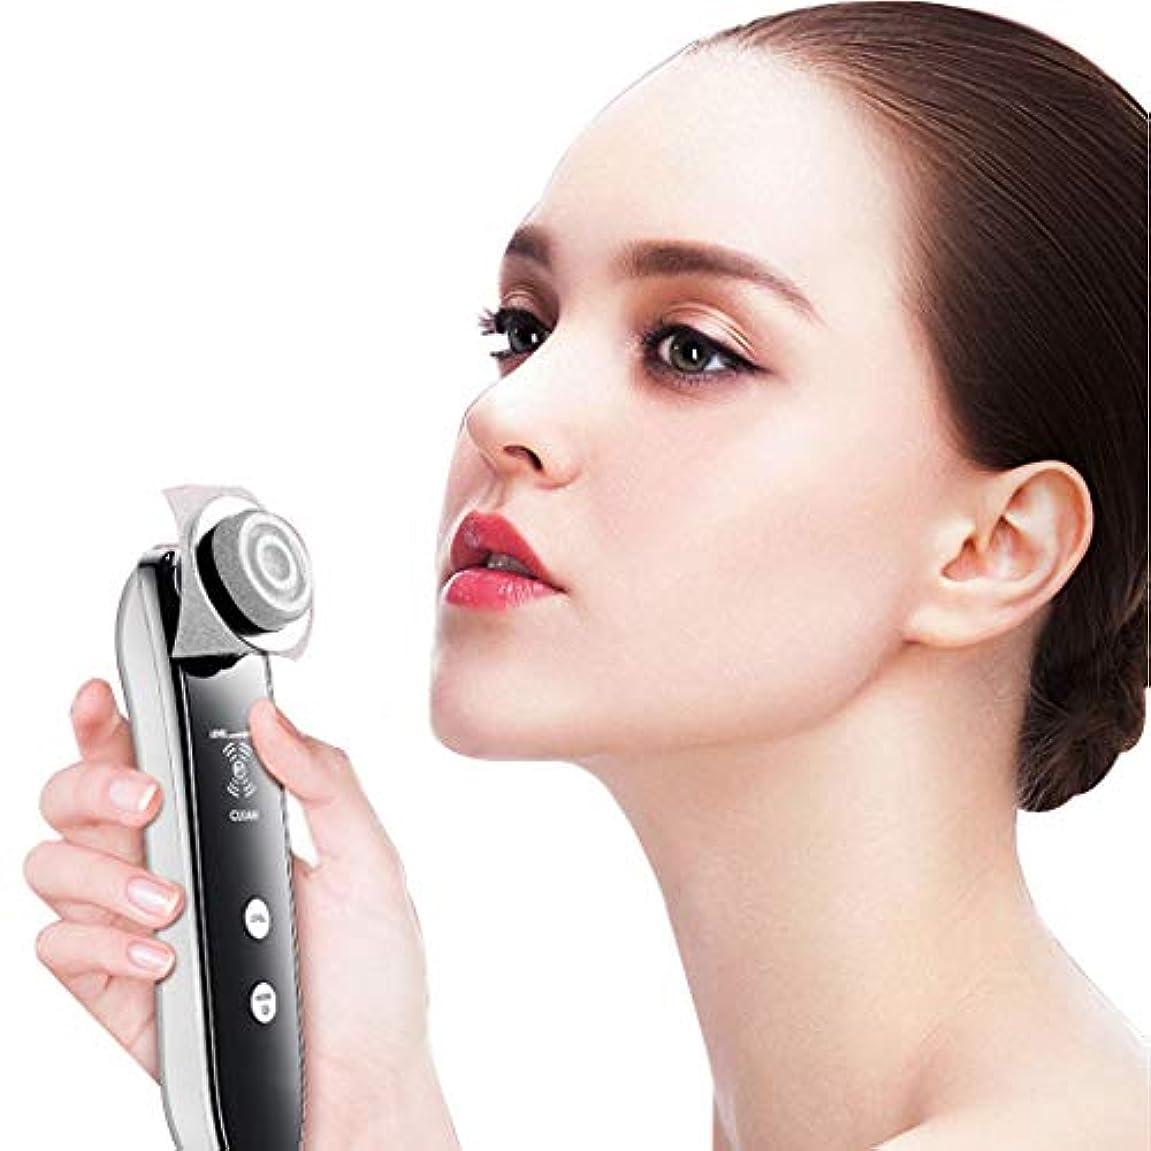 素朴な情熱恵みRF の無線周波数の美の器械 5 1 の多機能の顔のマッサージ器、皮の気遣うことのための美装置、穏やかな剥離および気孔の収縮のための機械